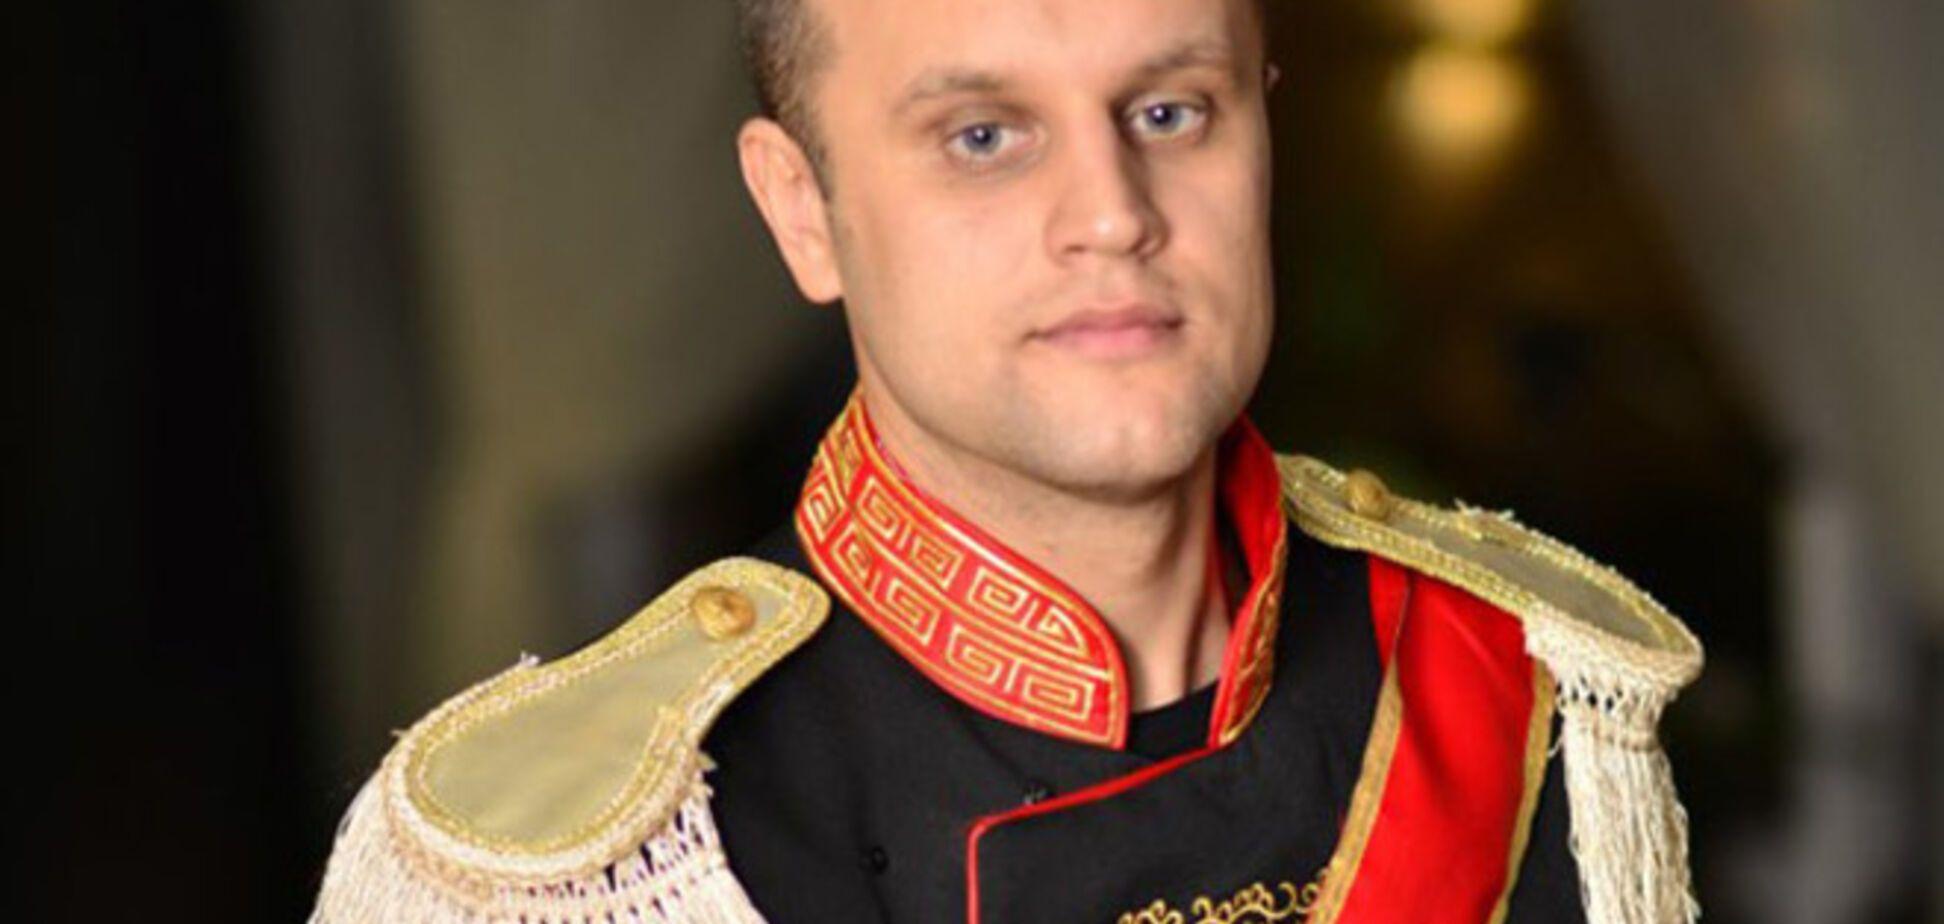 Губарев пожаловался на пропагандистов LifeNews